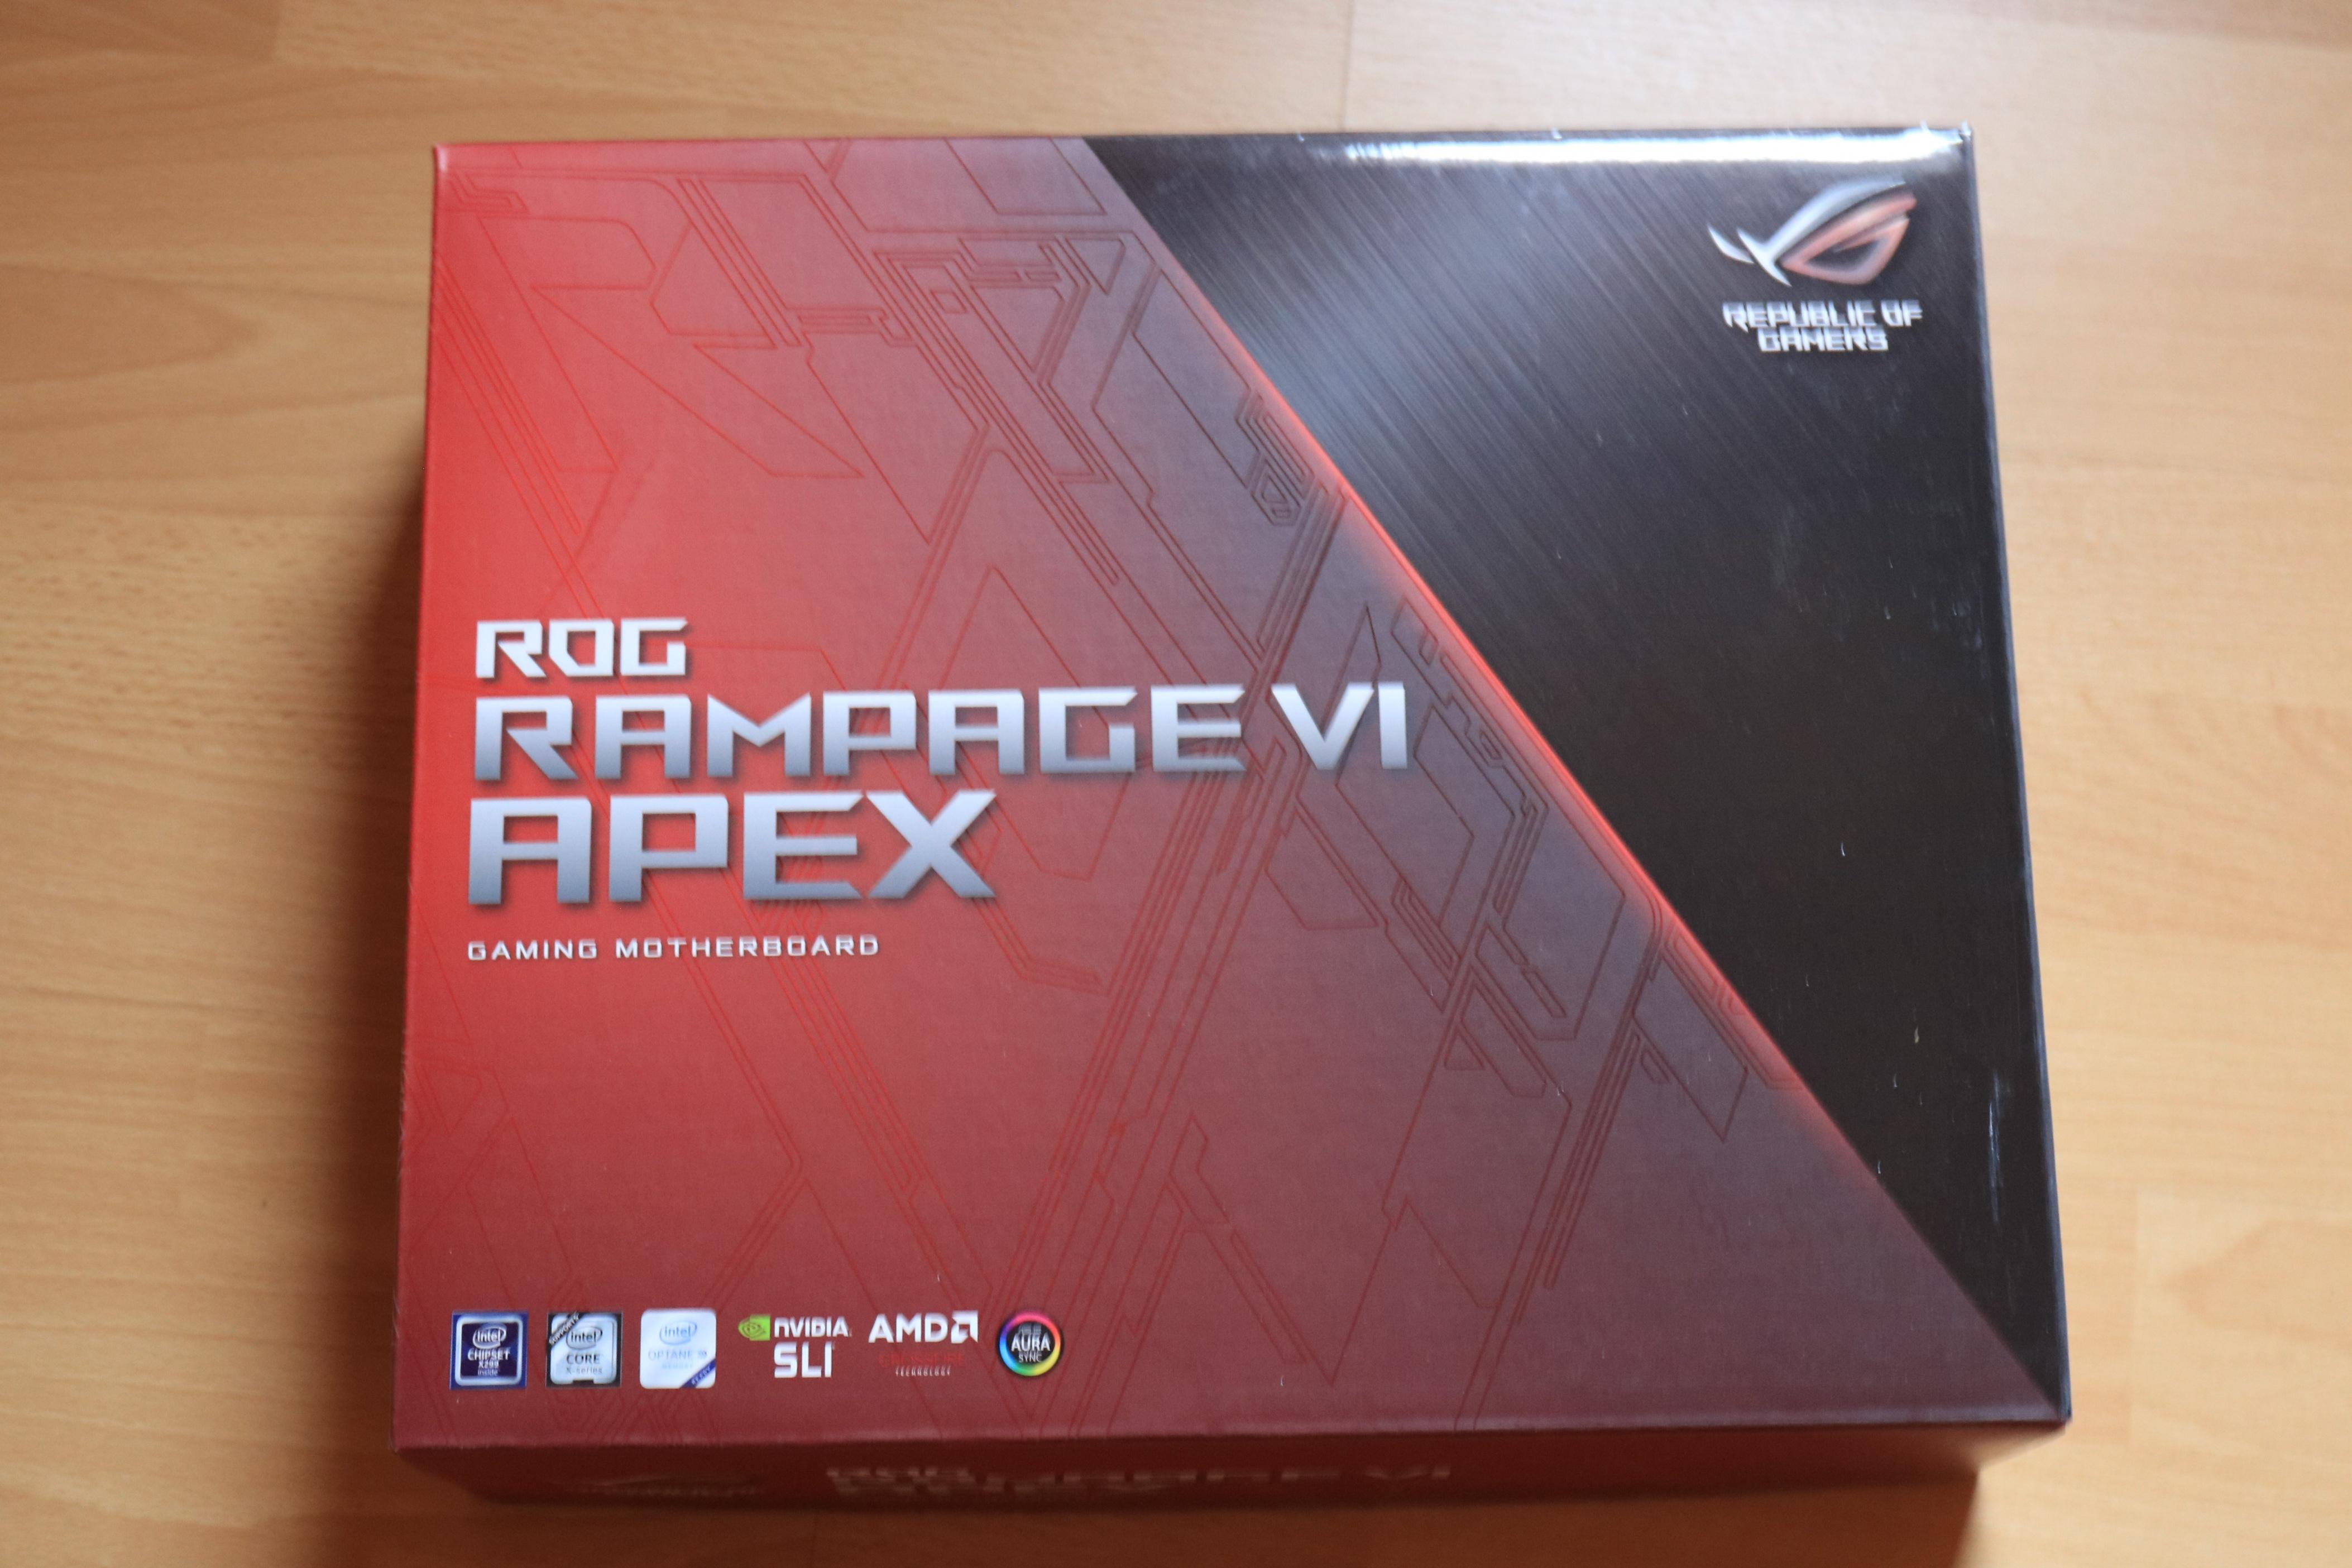 [REVIEW] ASUS Rampage VI APEX-verpackung_vorne.jpg